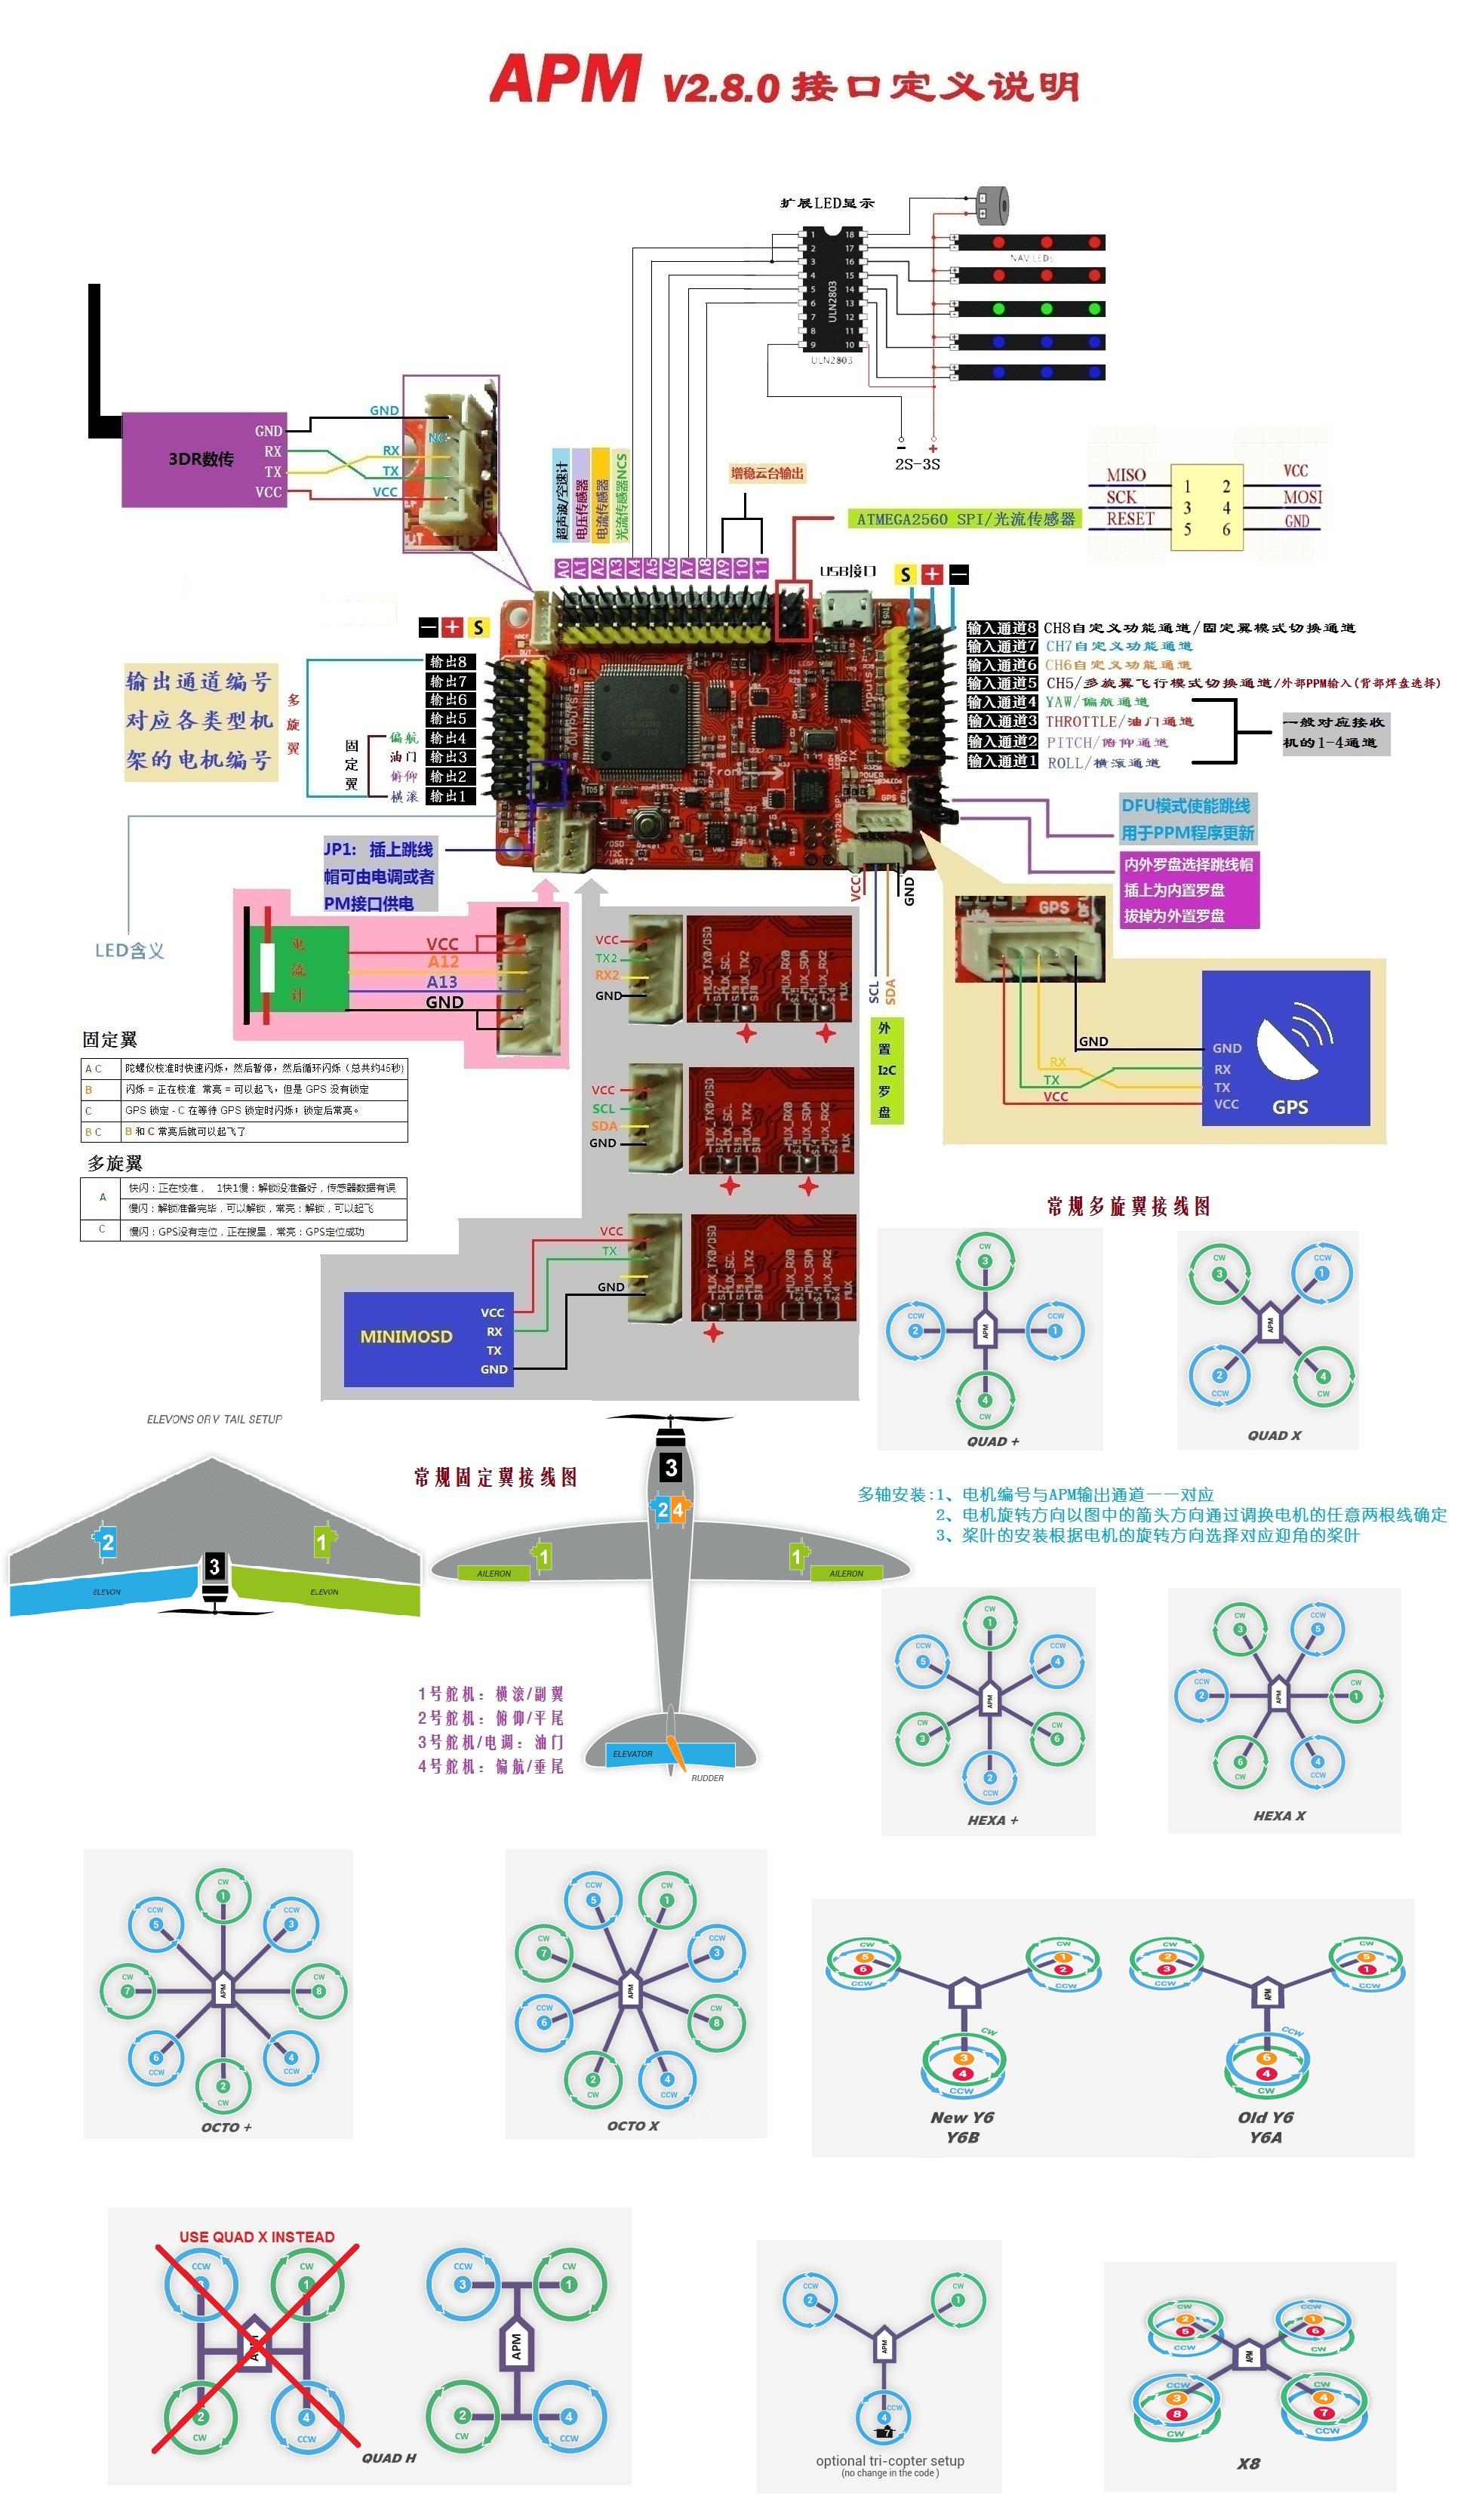 die ersten Schritte APM 2.5 Ardupilot / Arducopter | quadFlyer